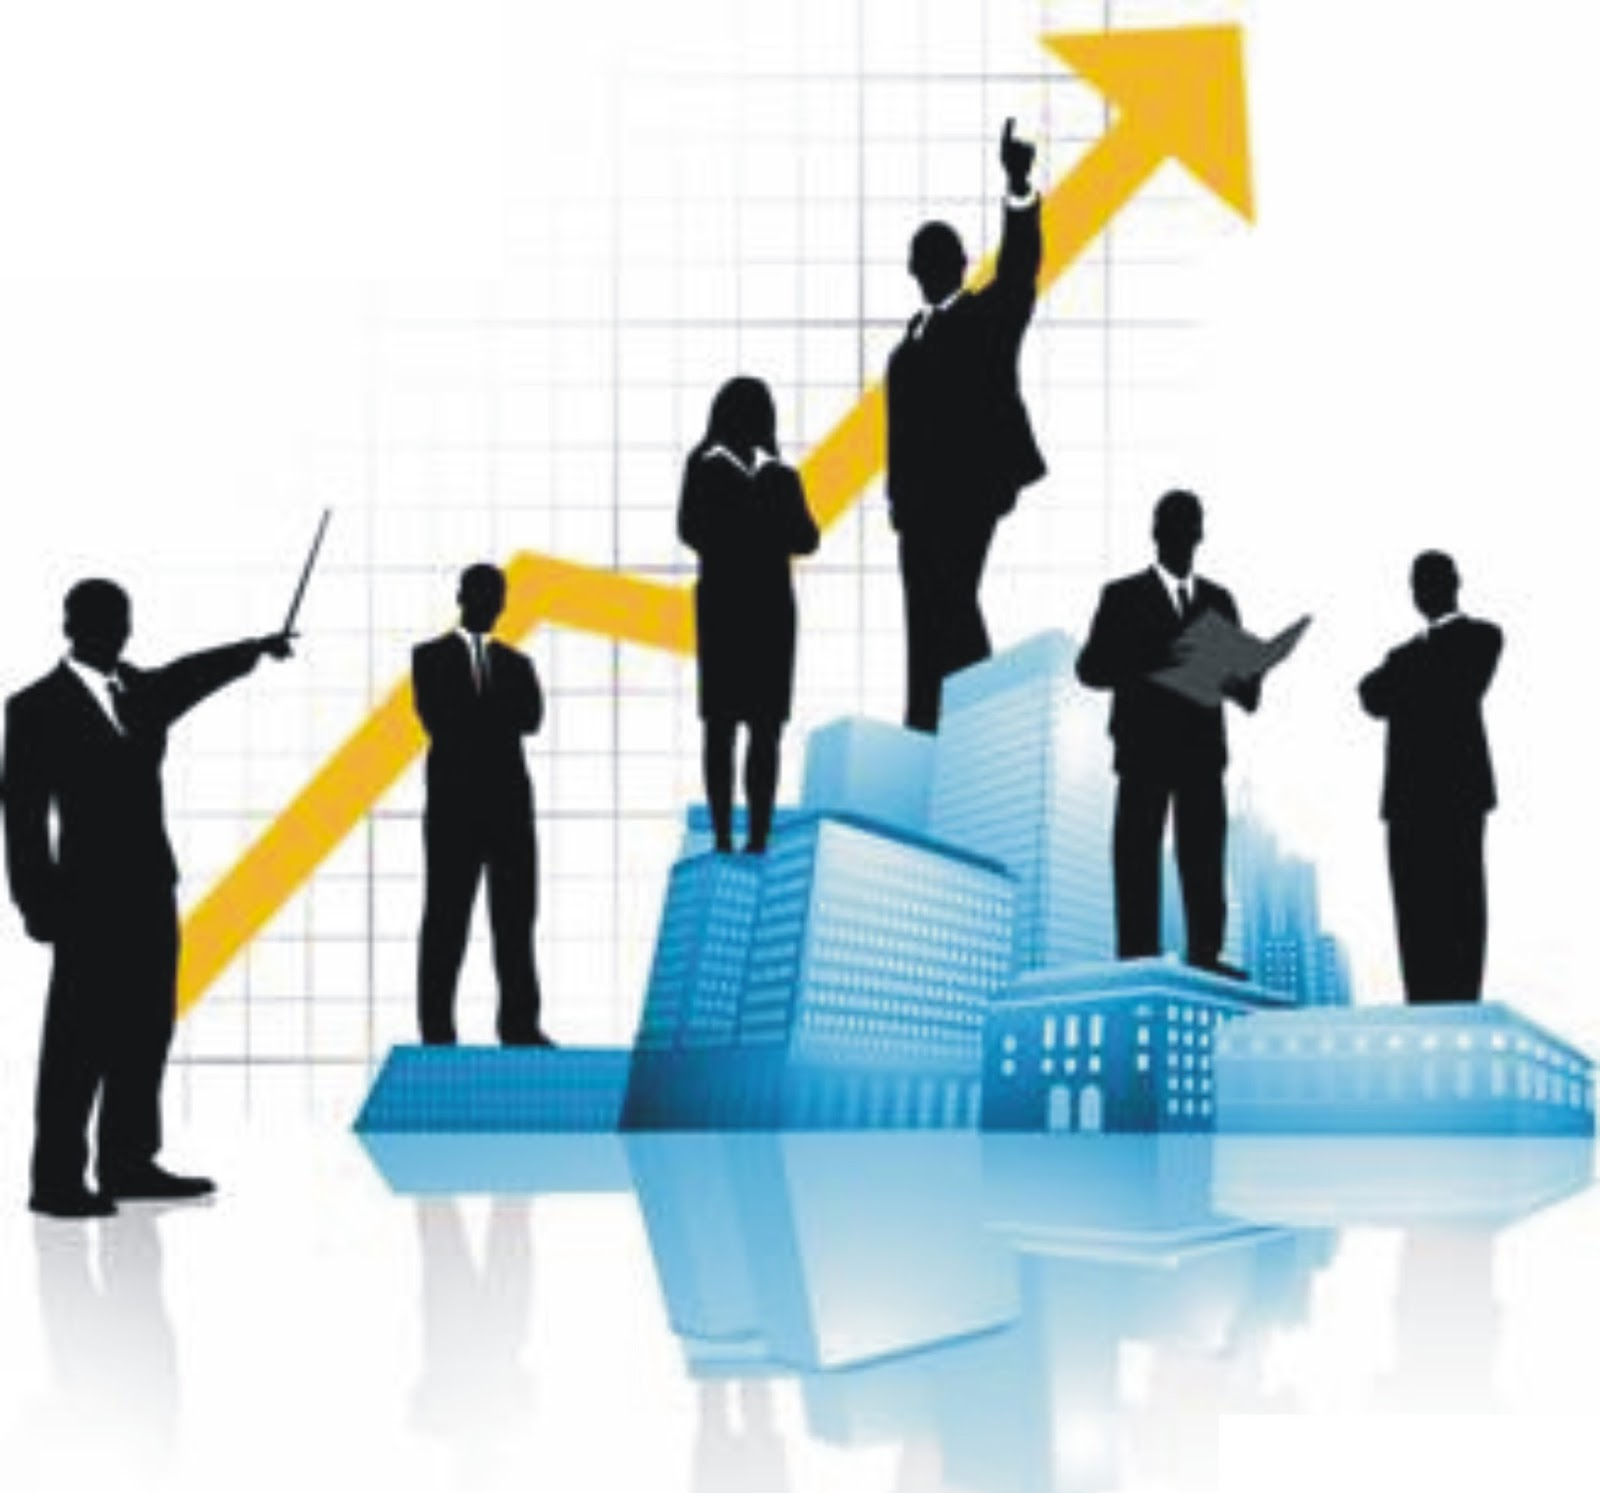 Giới thiệu Công ty Cổ phần Phát triển Tài sản Việt Nam